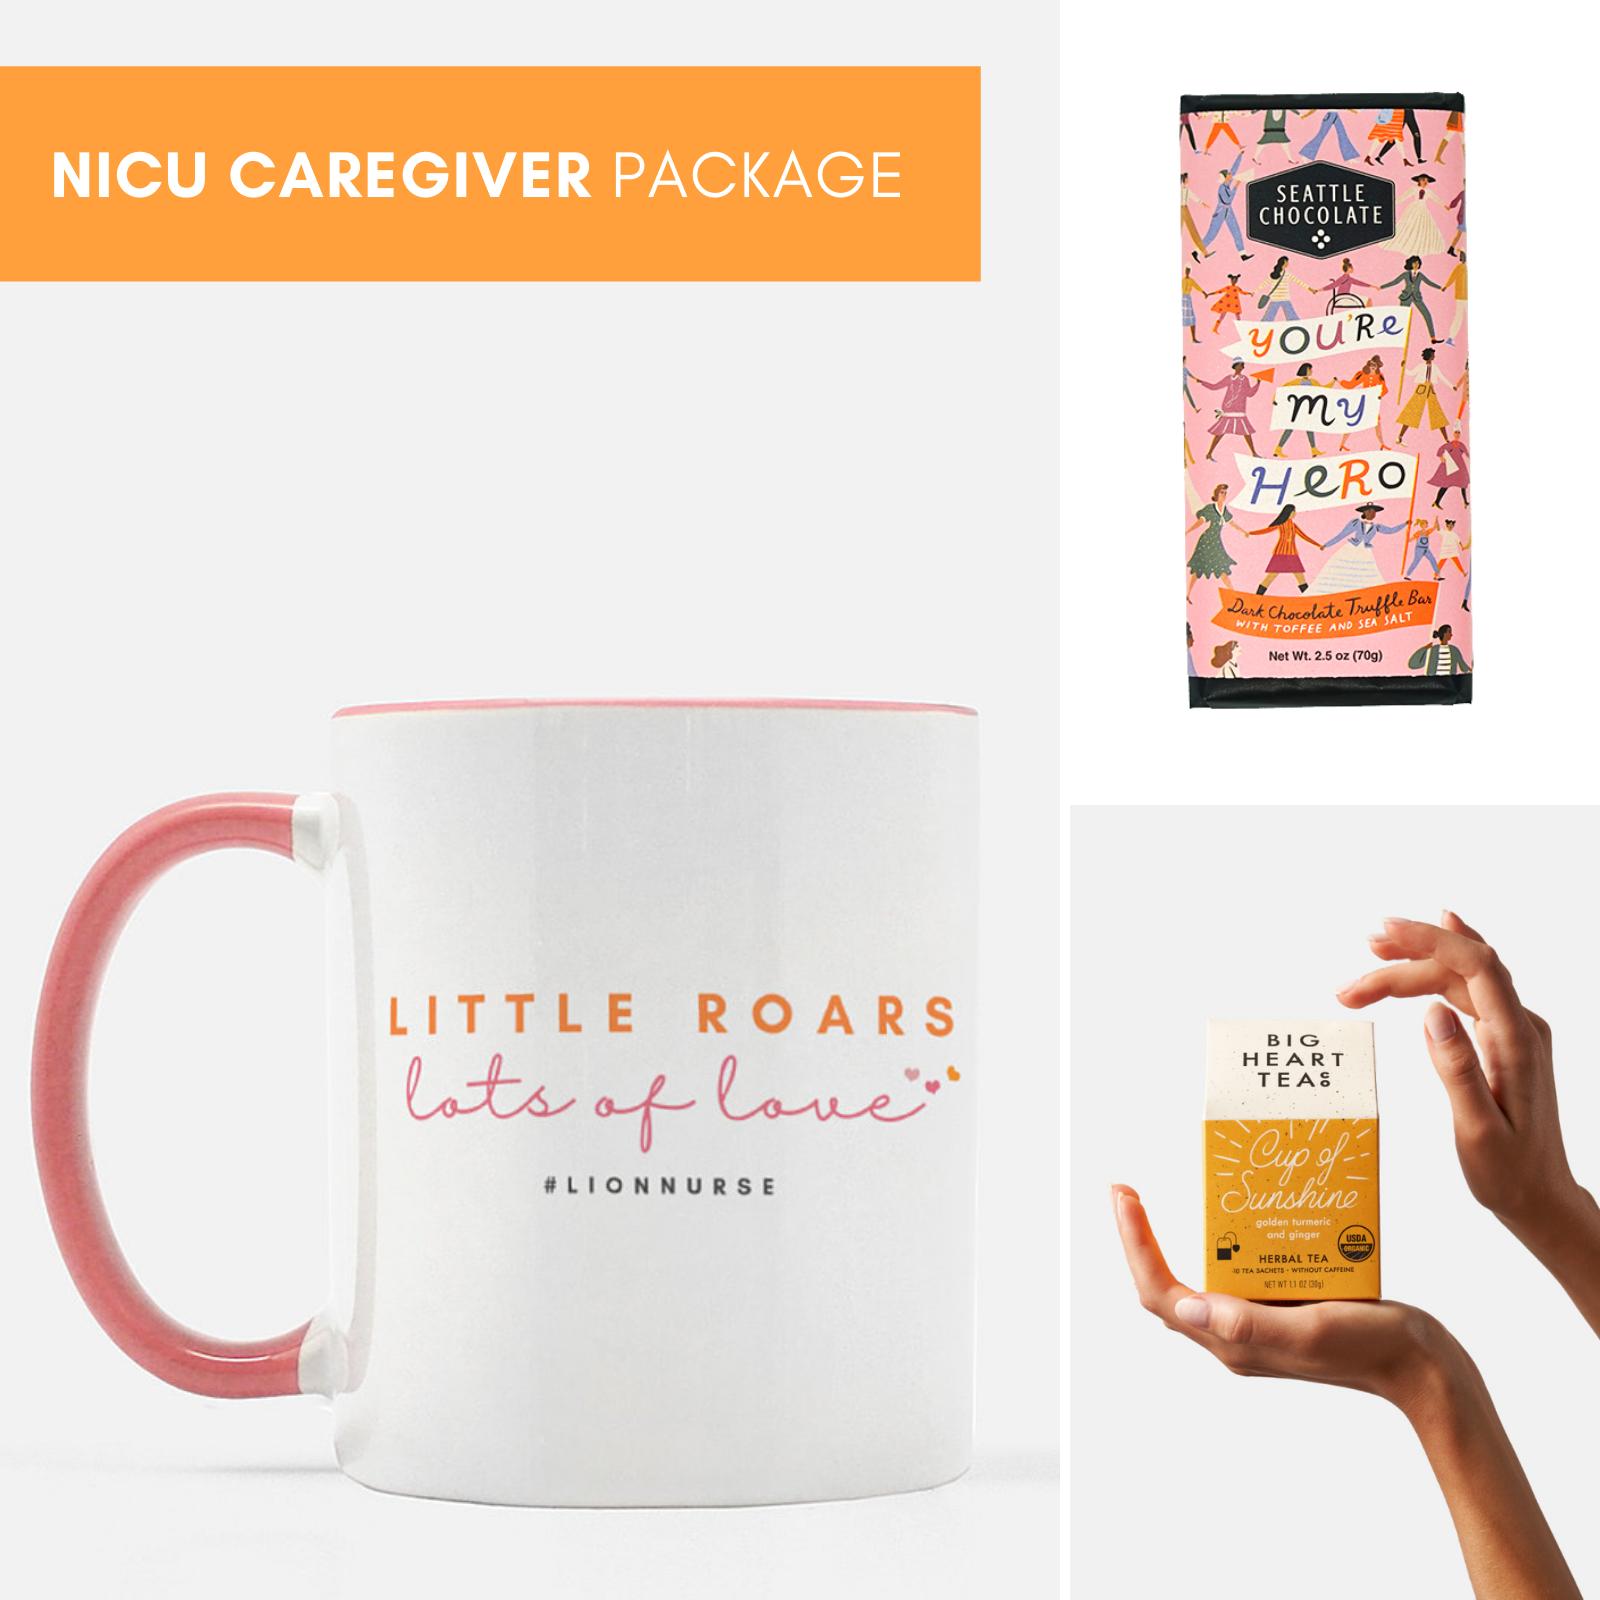 LLC NICU Caregiver Package